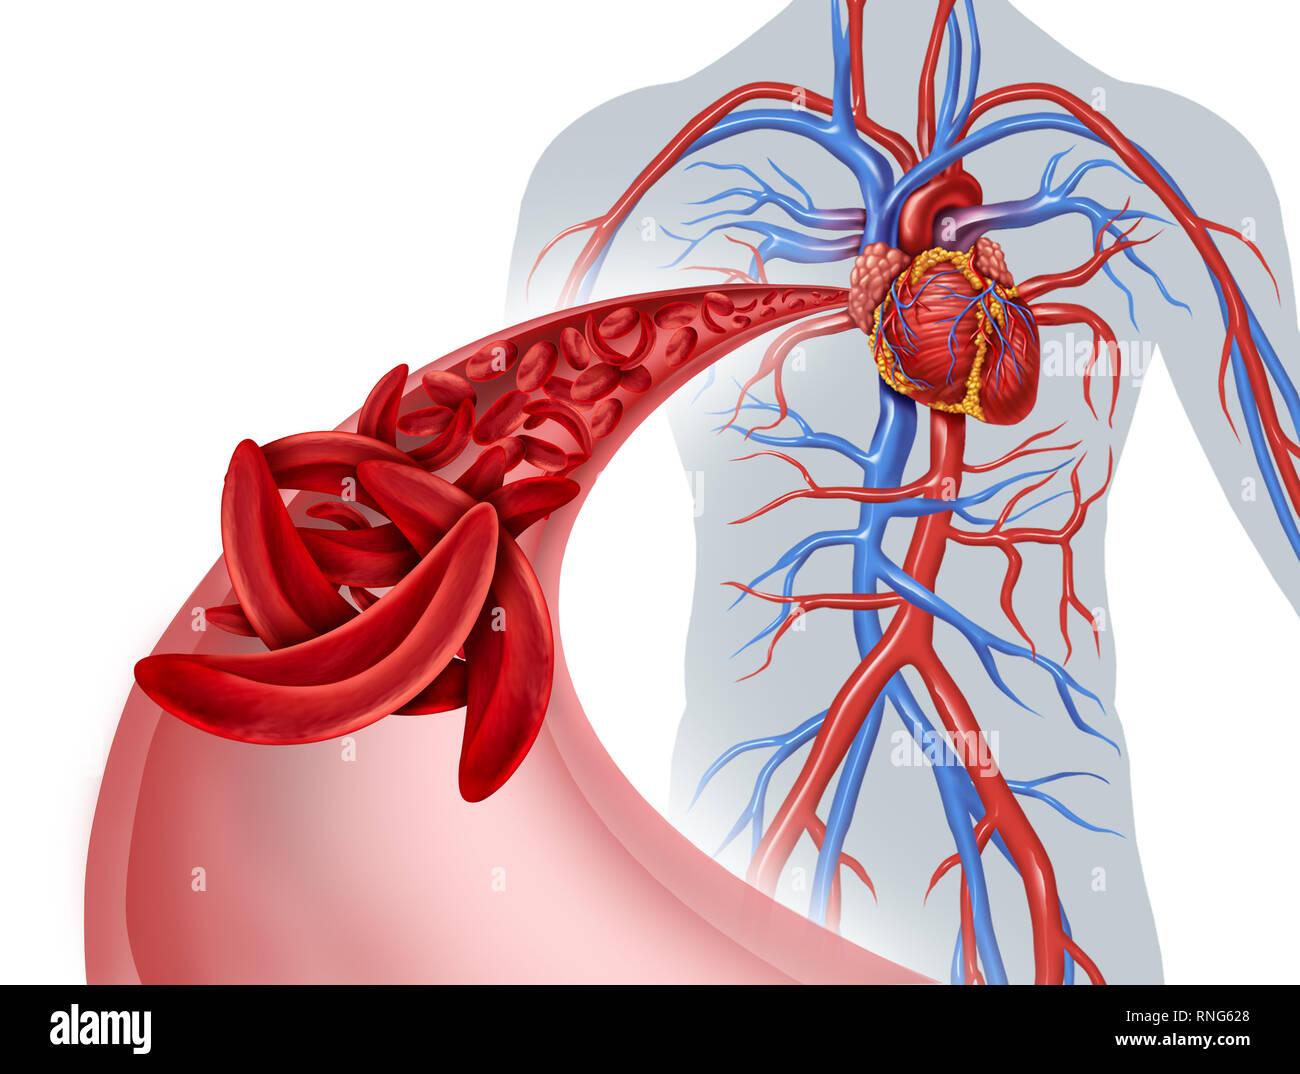 heart blockage